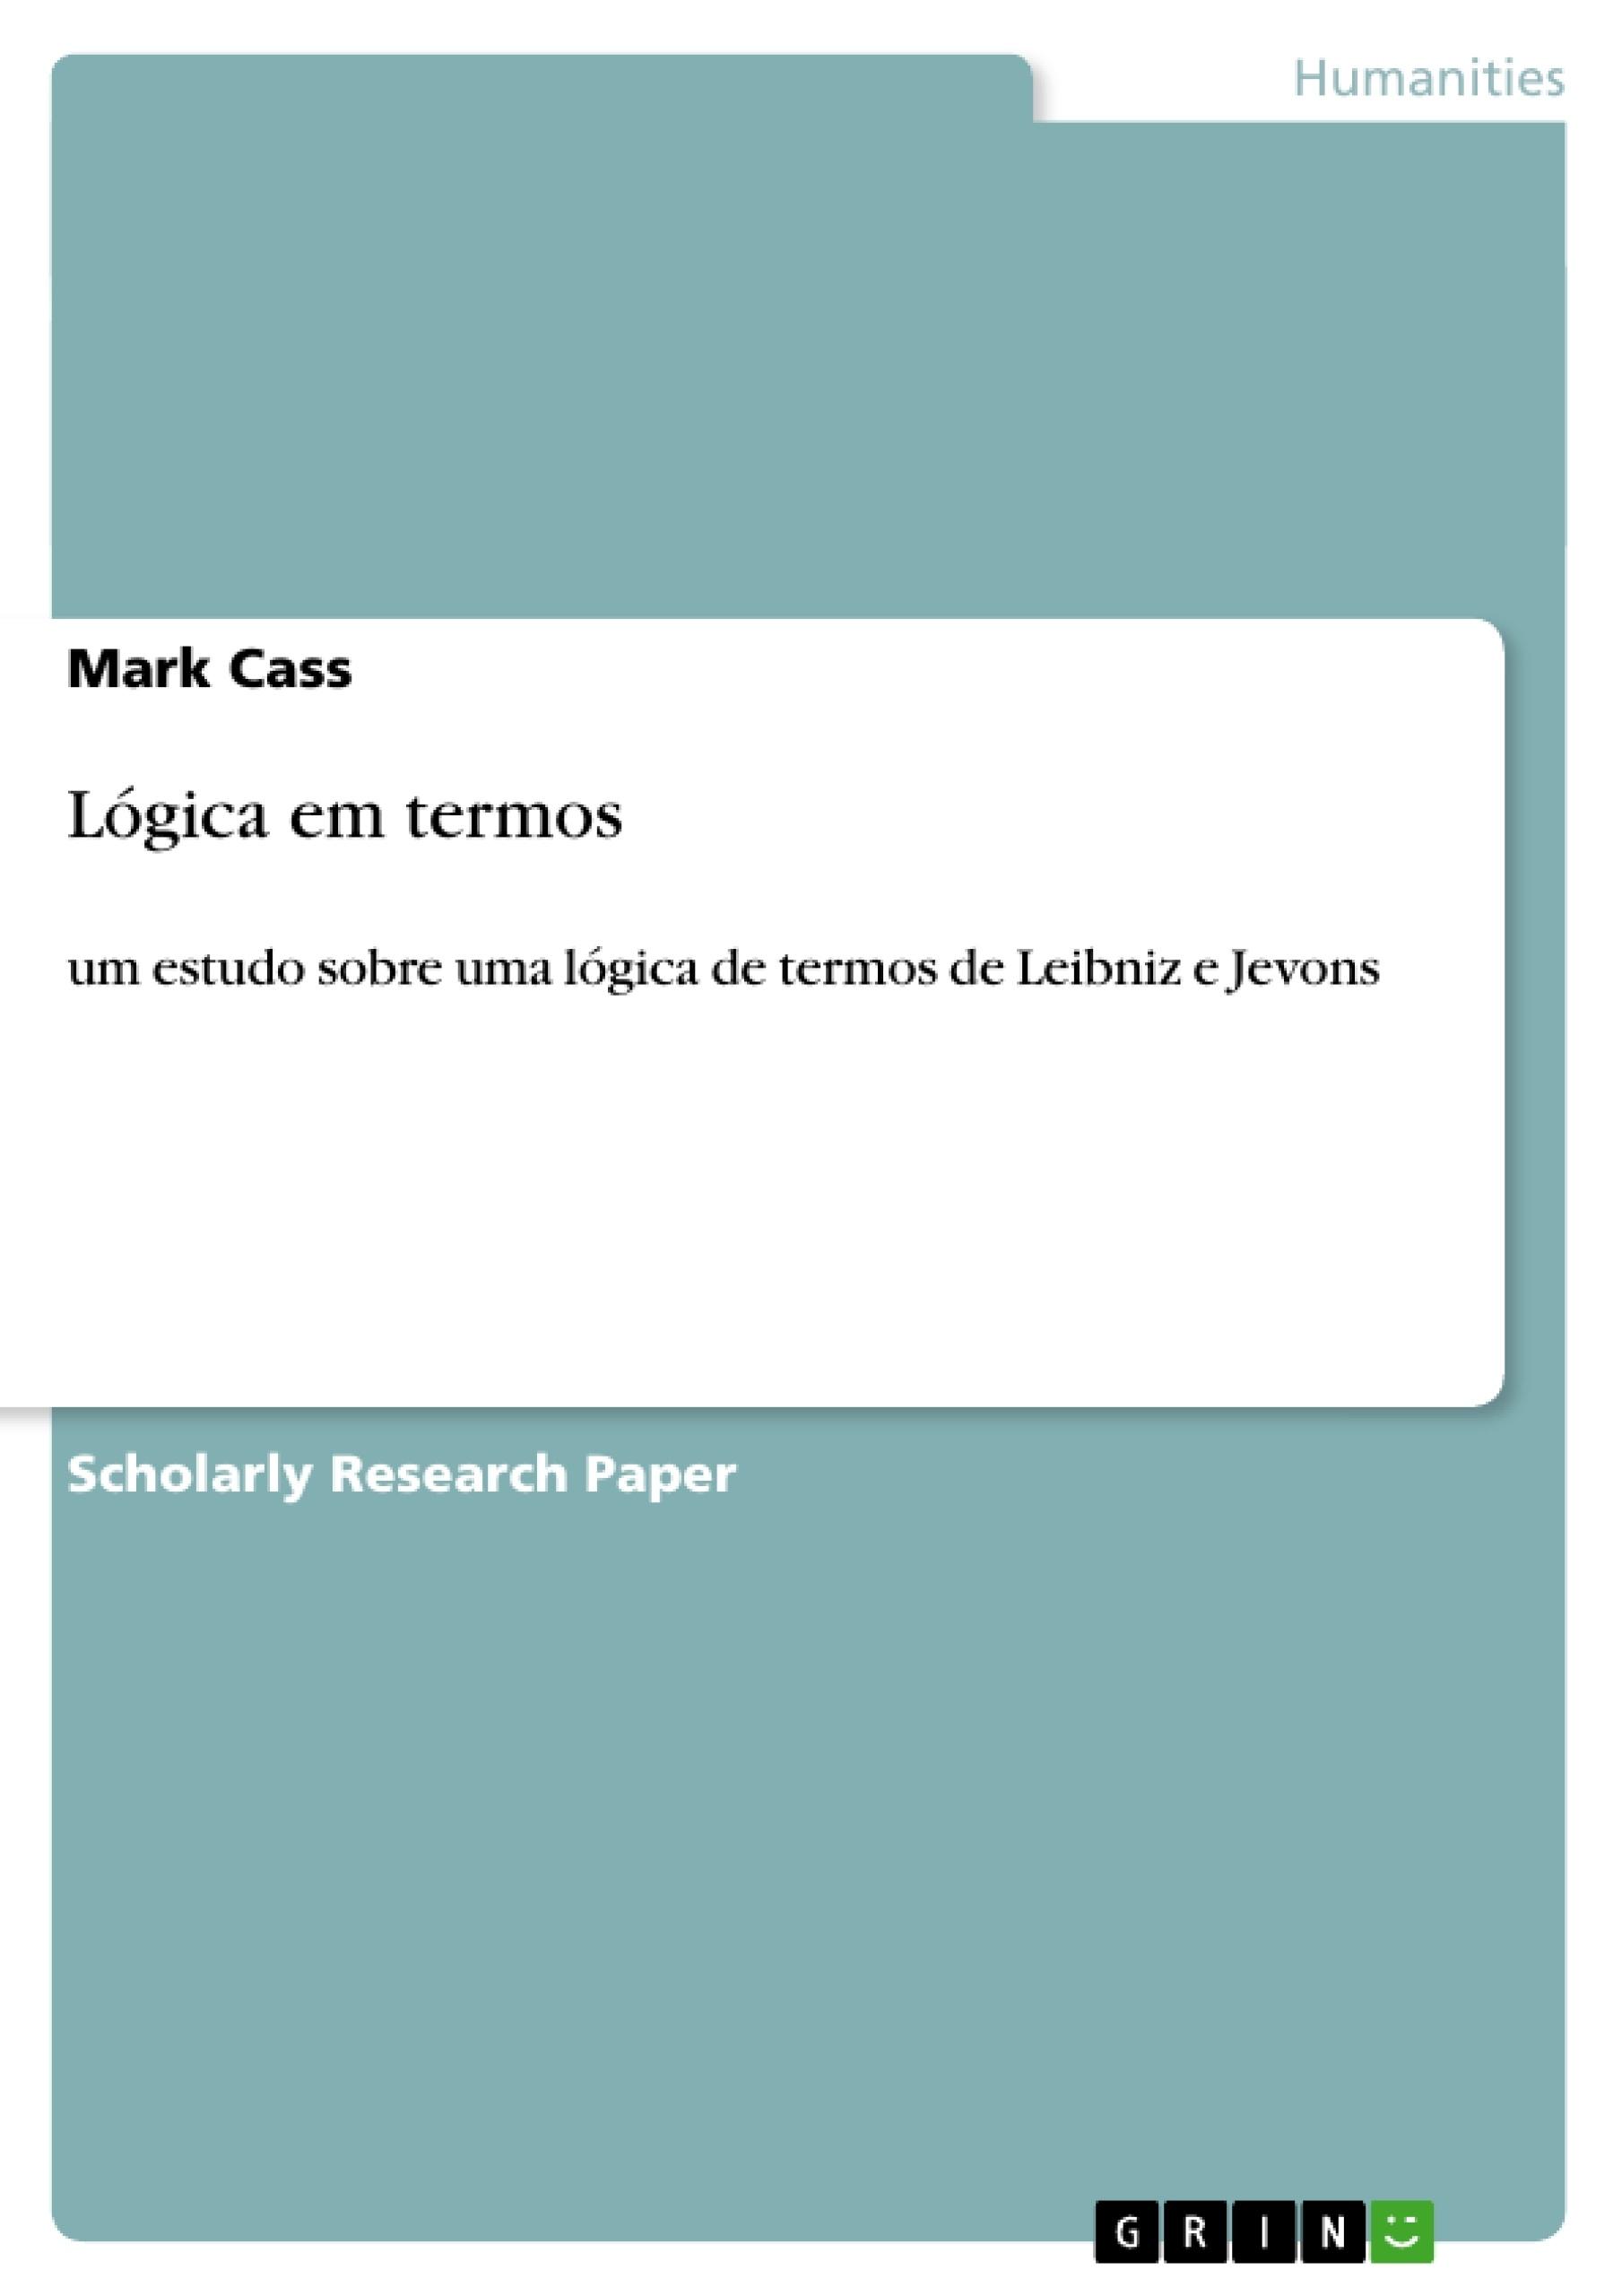 Title: Lógica em termos